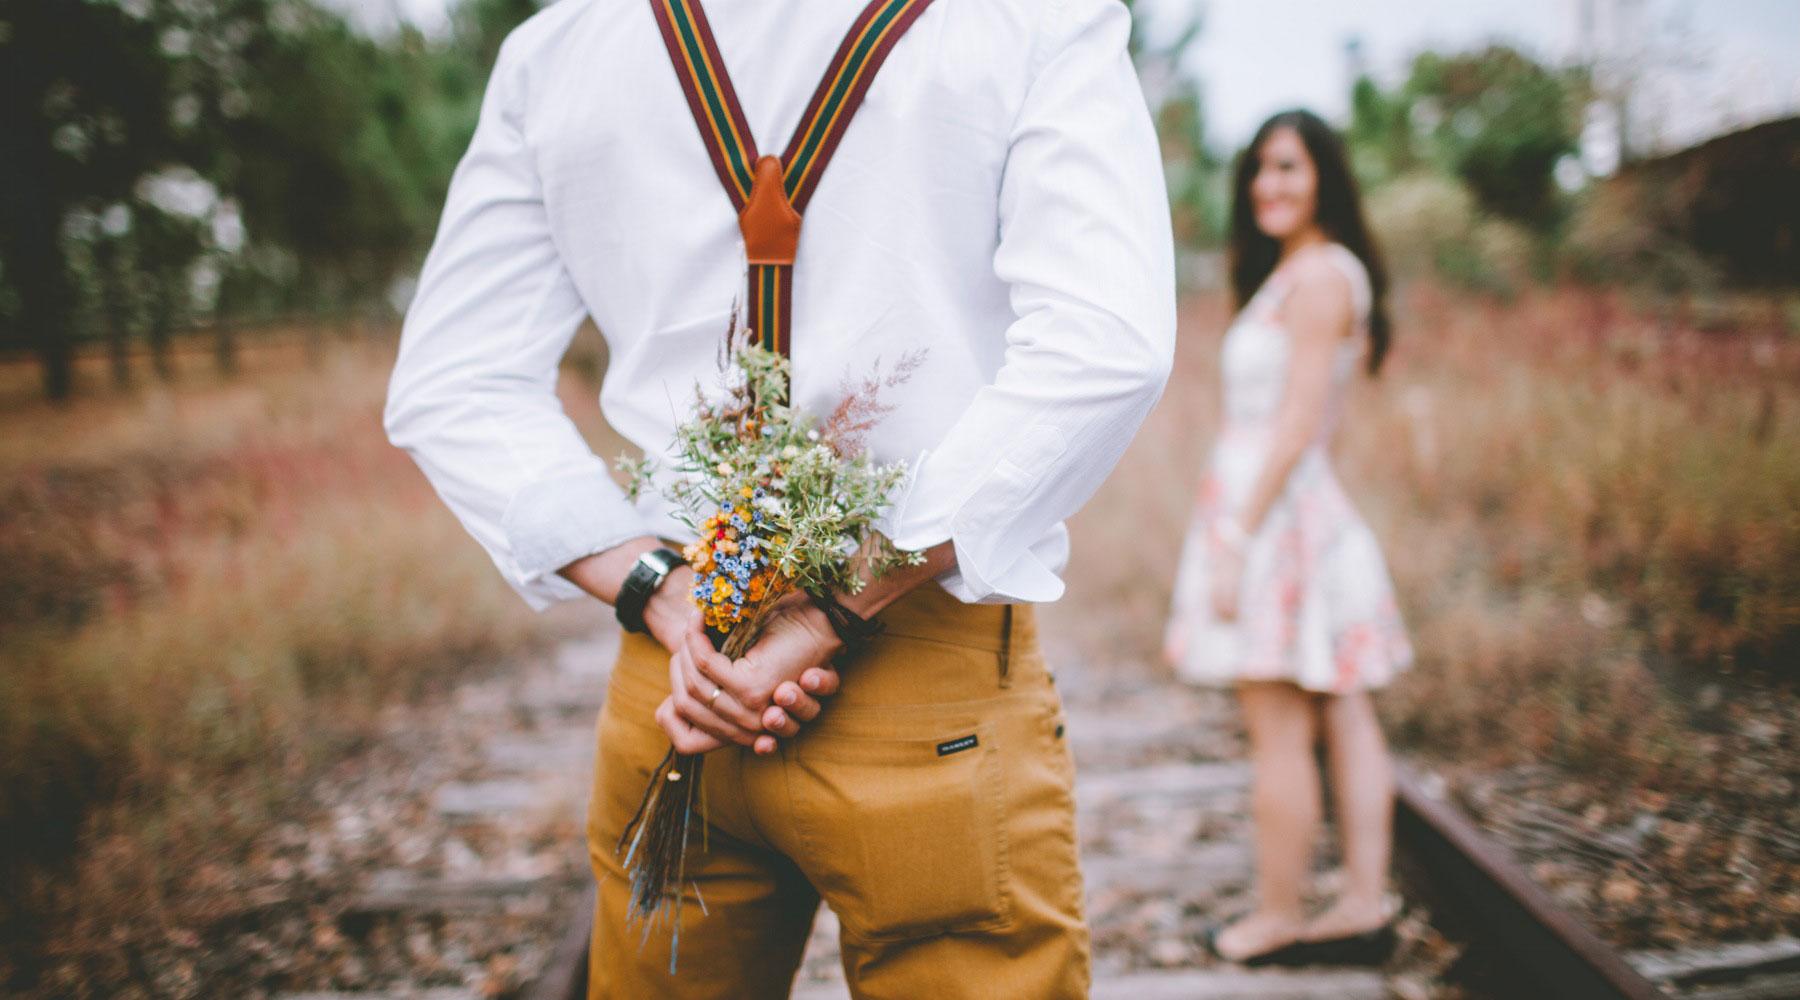 Faire Une Demande En Mariage Memorable Sans Se Ruiner A Propos D